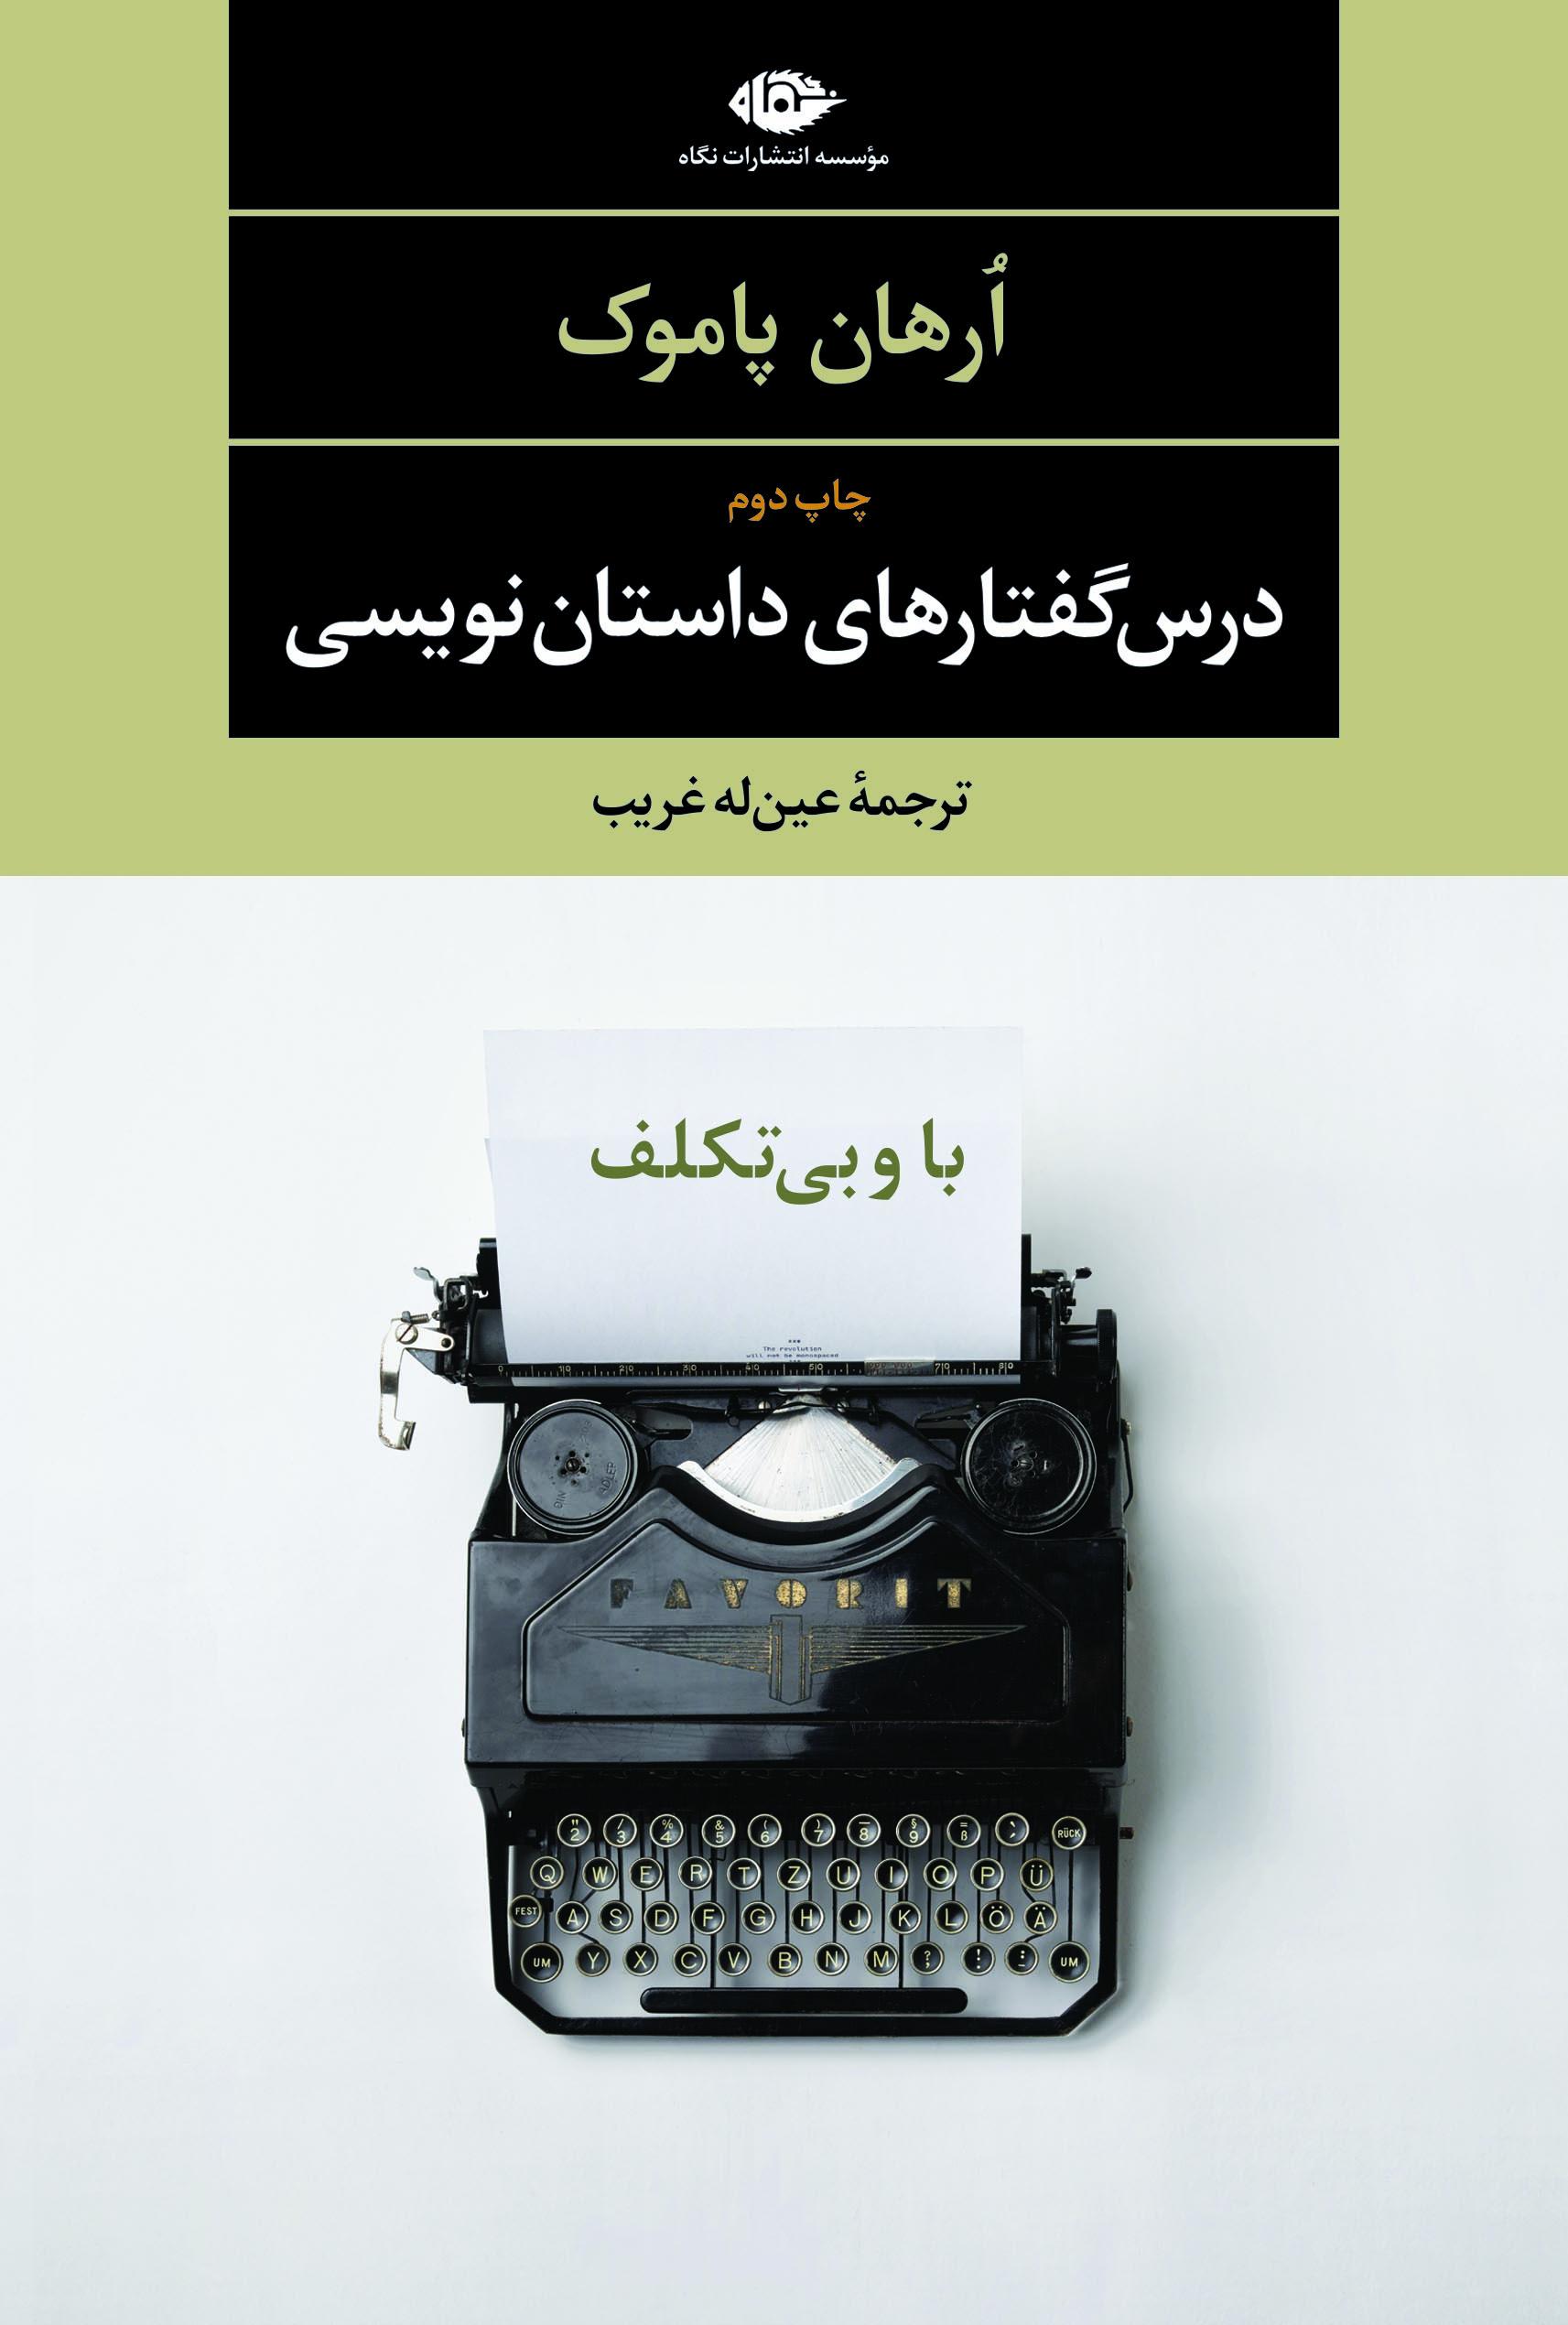 کتاب درس گفتارهای داستان نویسی(باوبی تکلف)